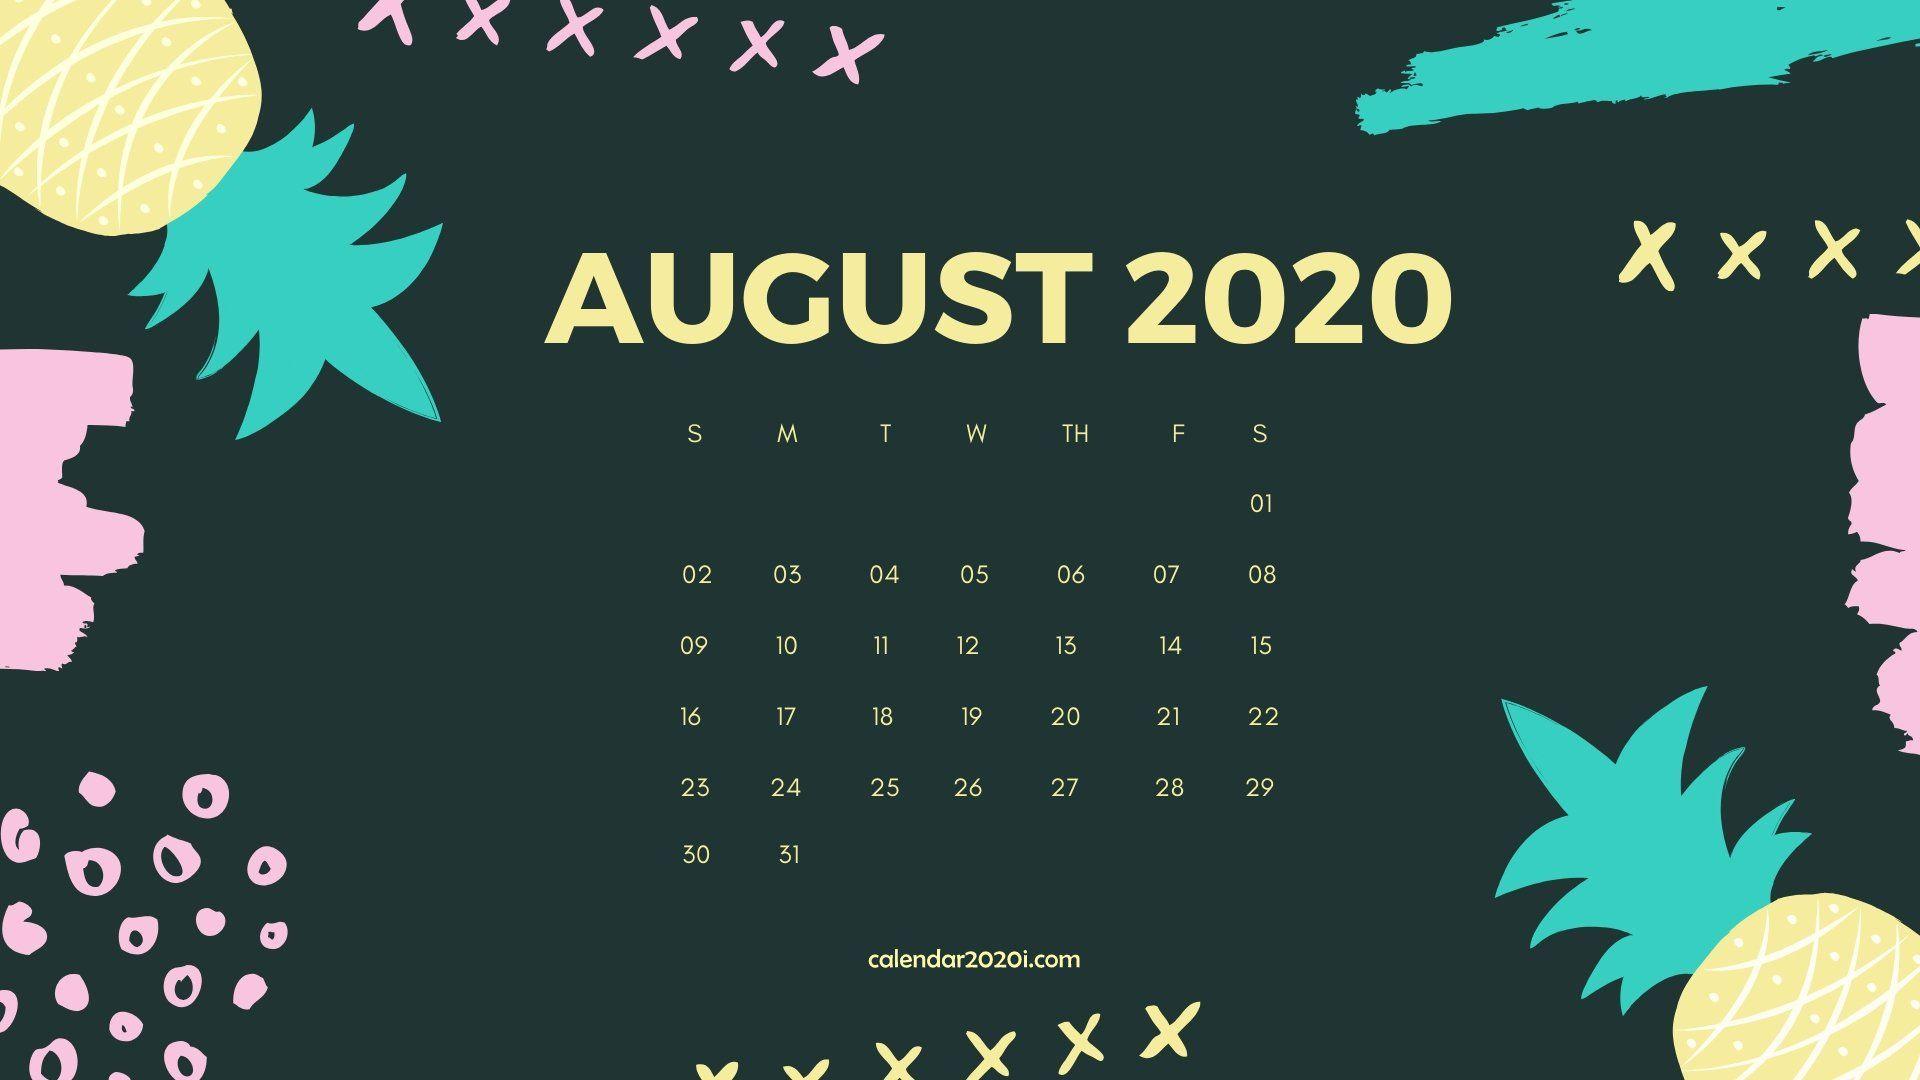 August 2020 Calendar Desktop Wallpaper in 2019 August wallpaper 1920x1080